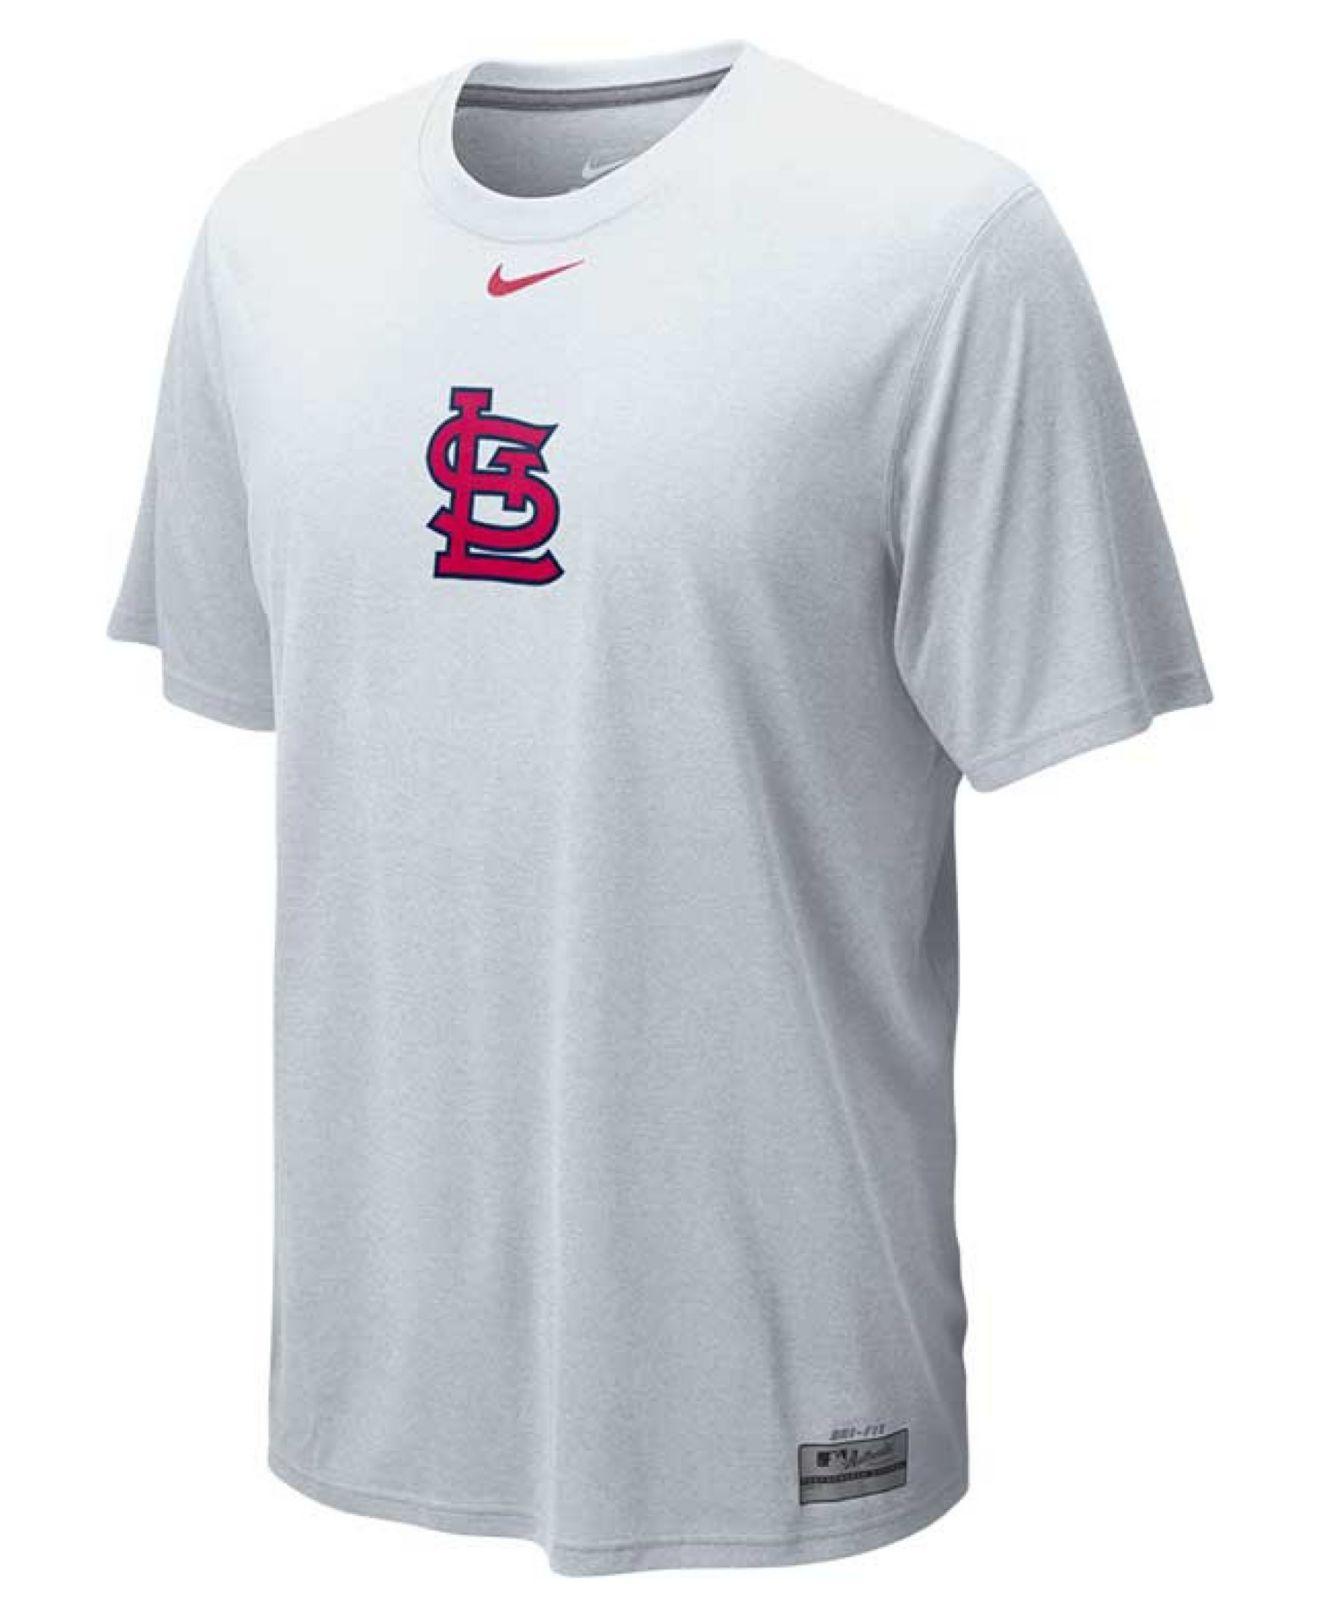 cardinals shirts for men